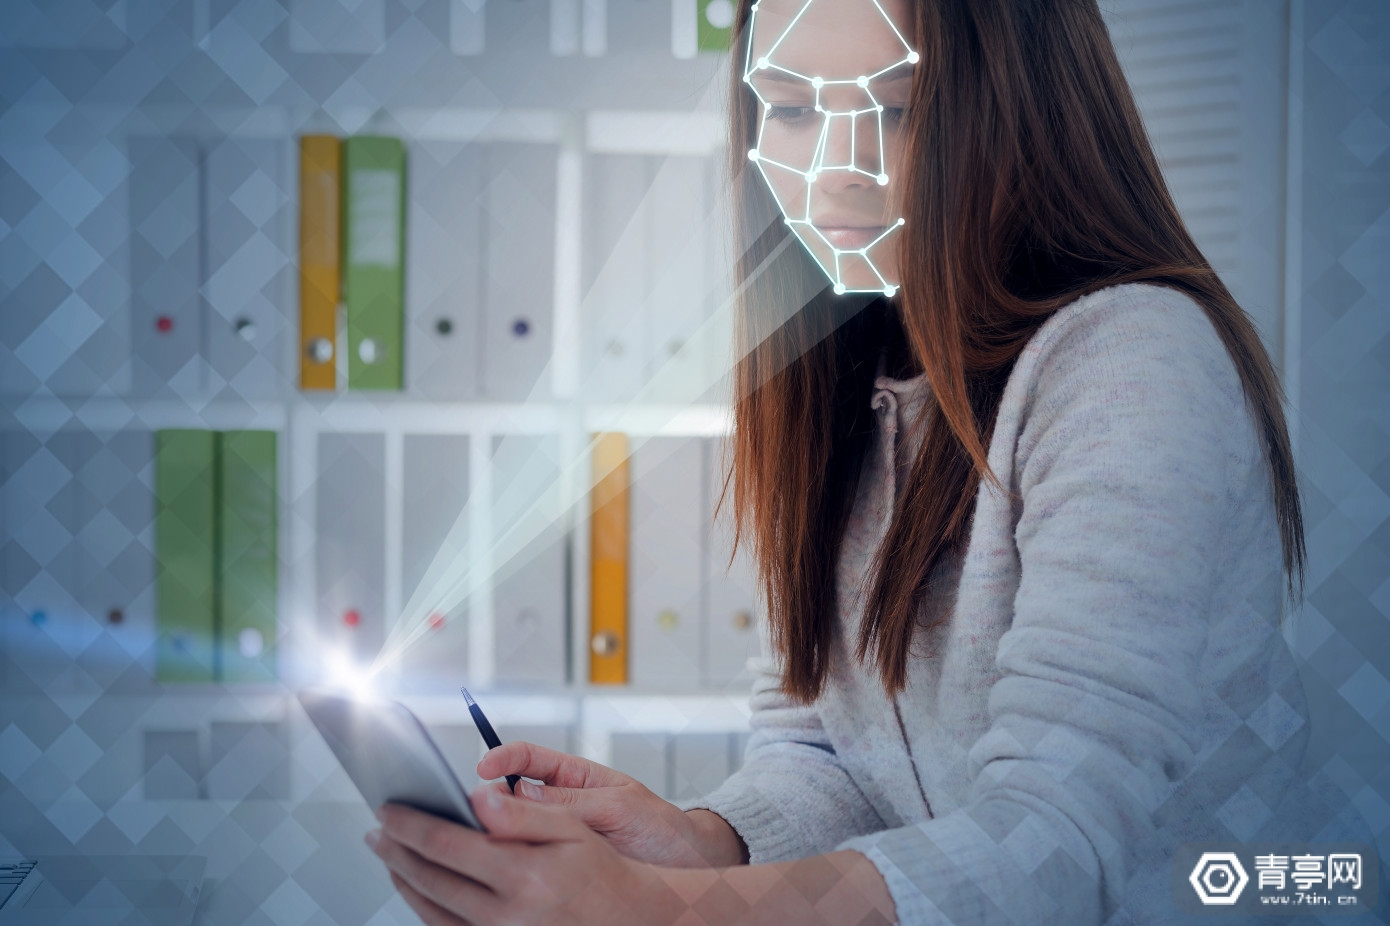 单传感器3D成像解决方案公司MultiVu获700万美元种子轮融资